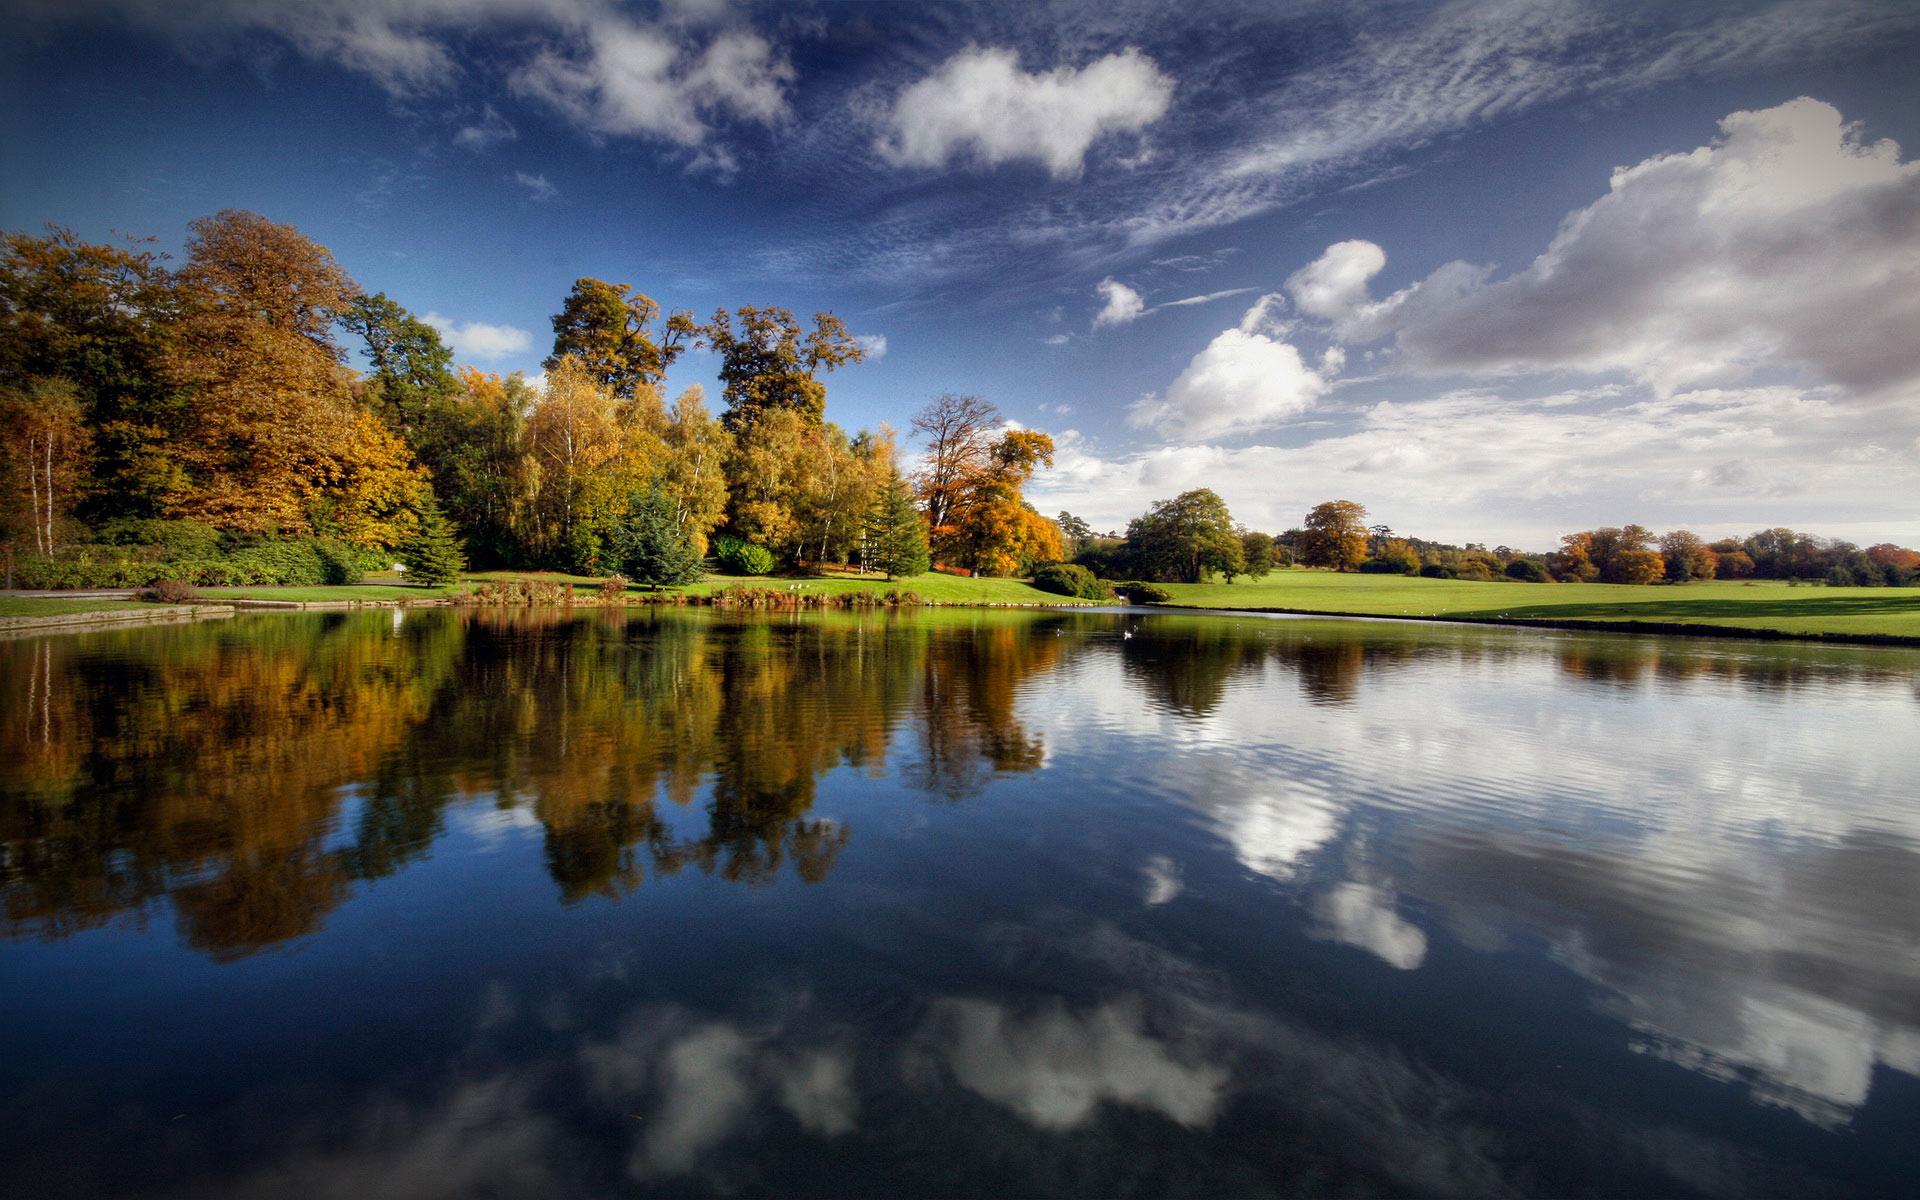 природа HDR река деревья  № 257356 бесплатно